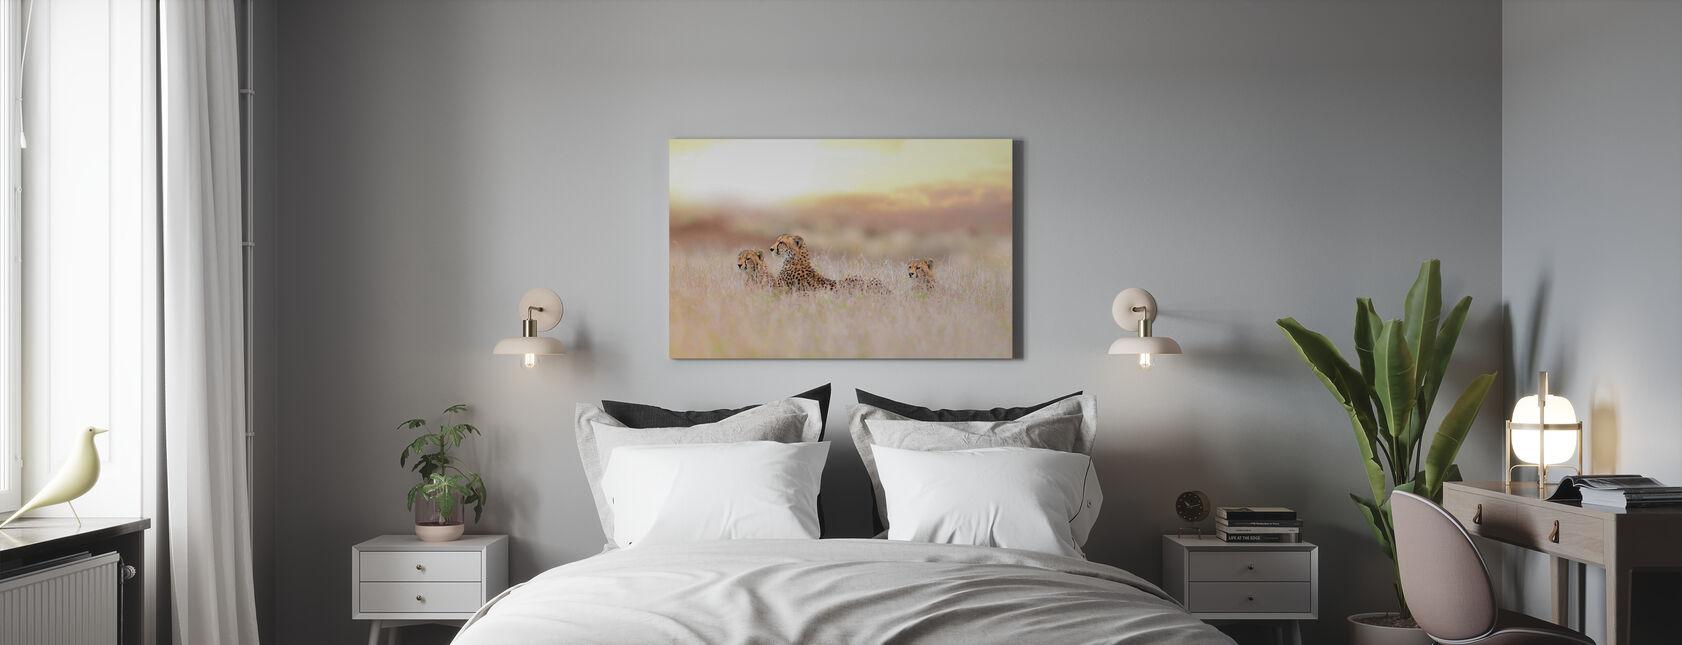 Cheetah Familie - Canvas print - Slaapkamer